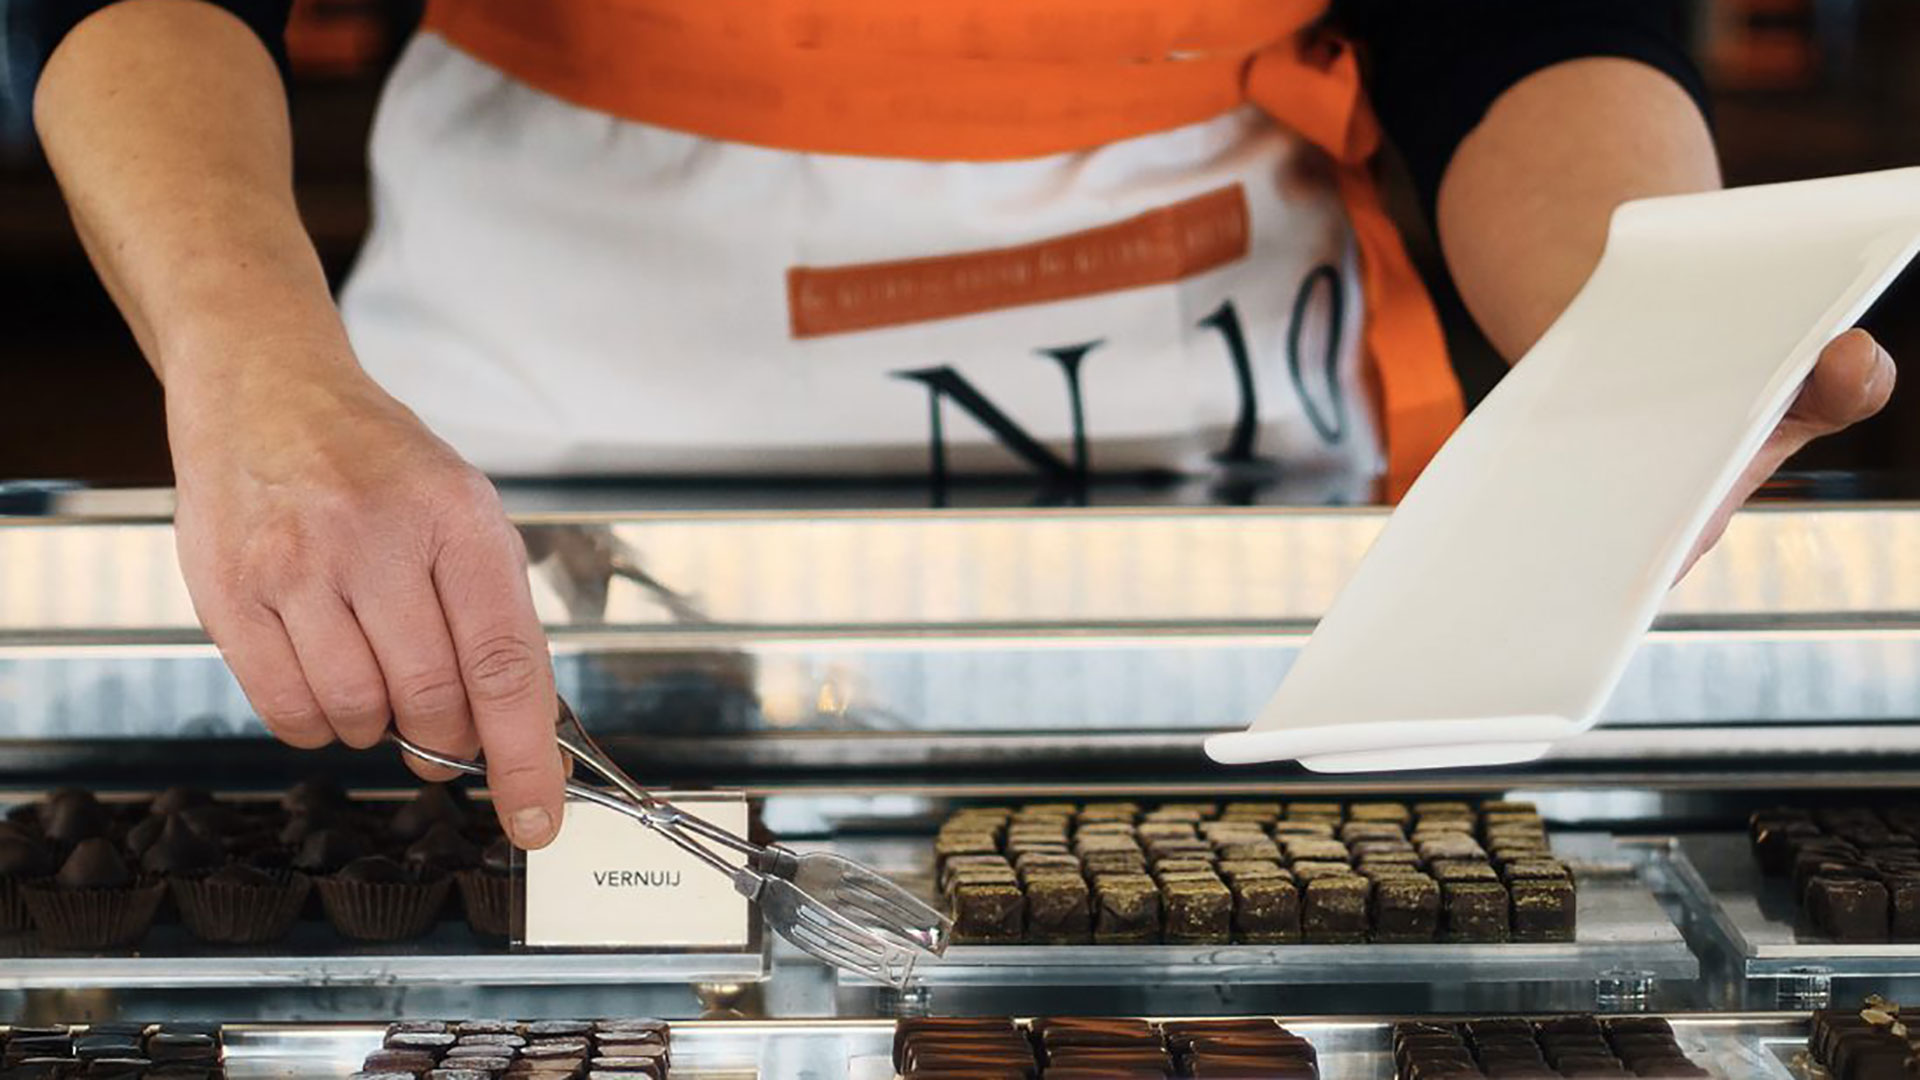 Cioccolato artigianale, itinerario delle città più dolci d'Italia